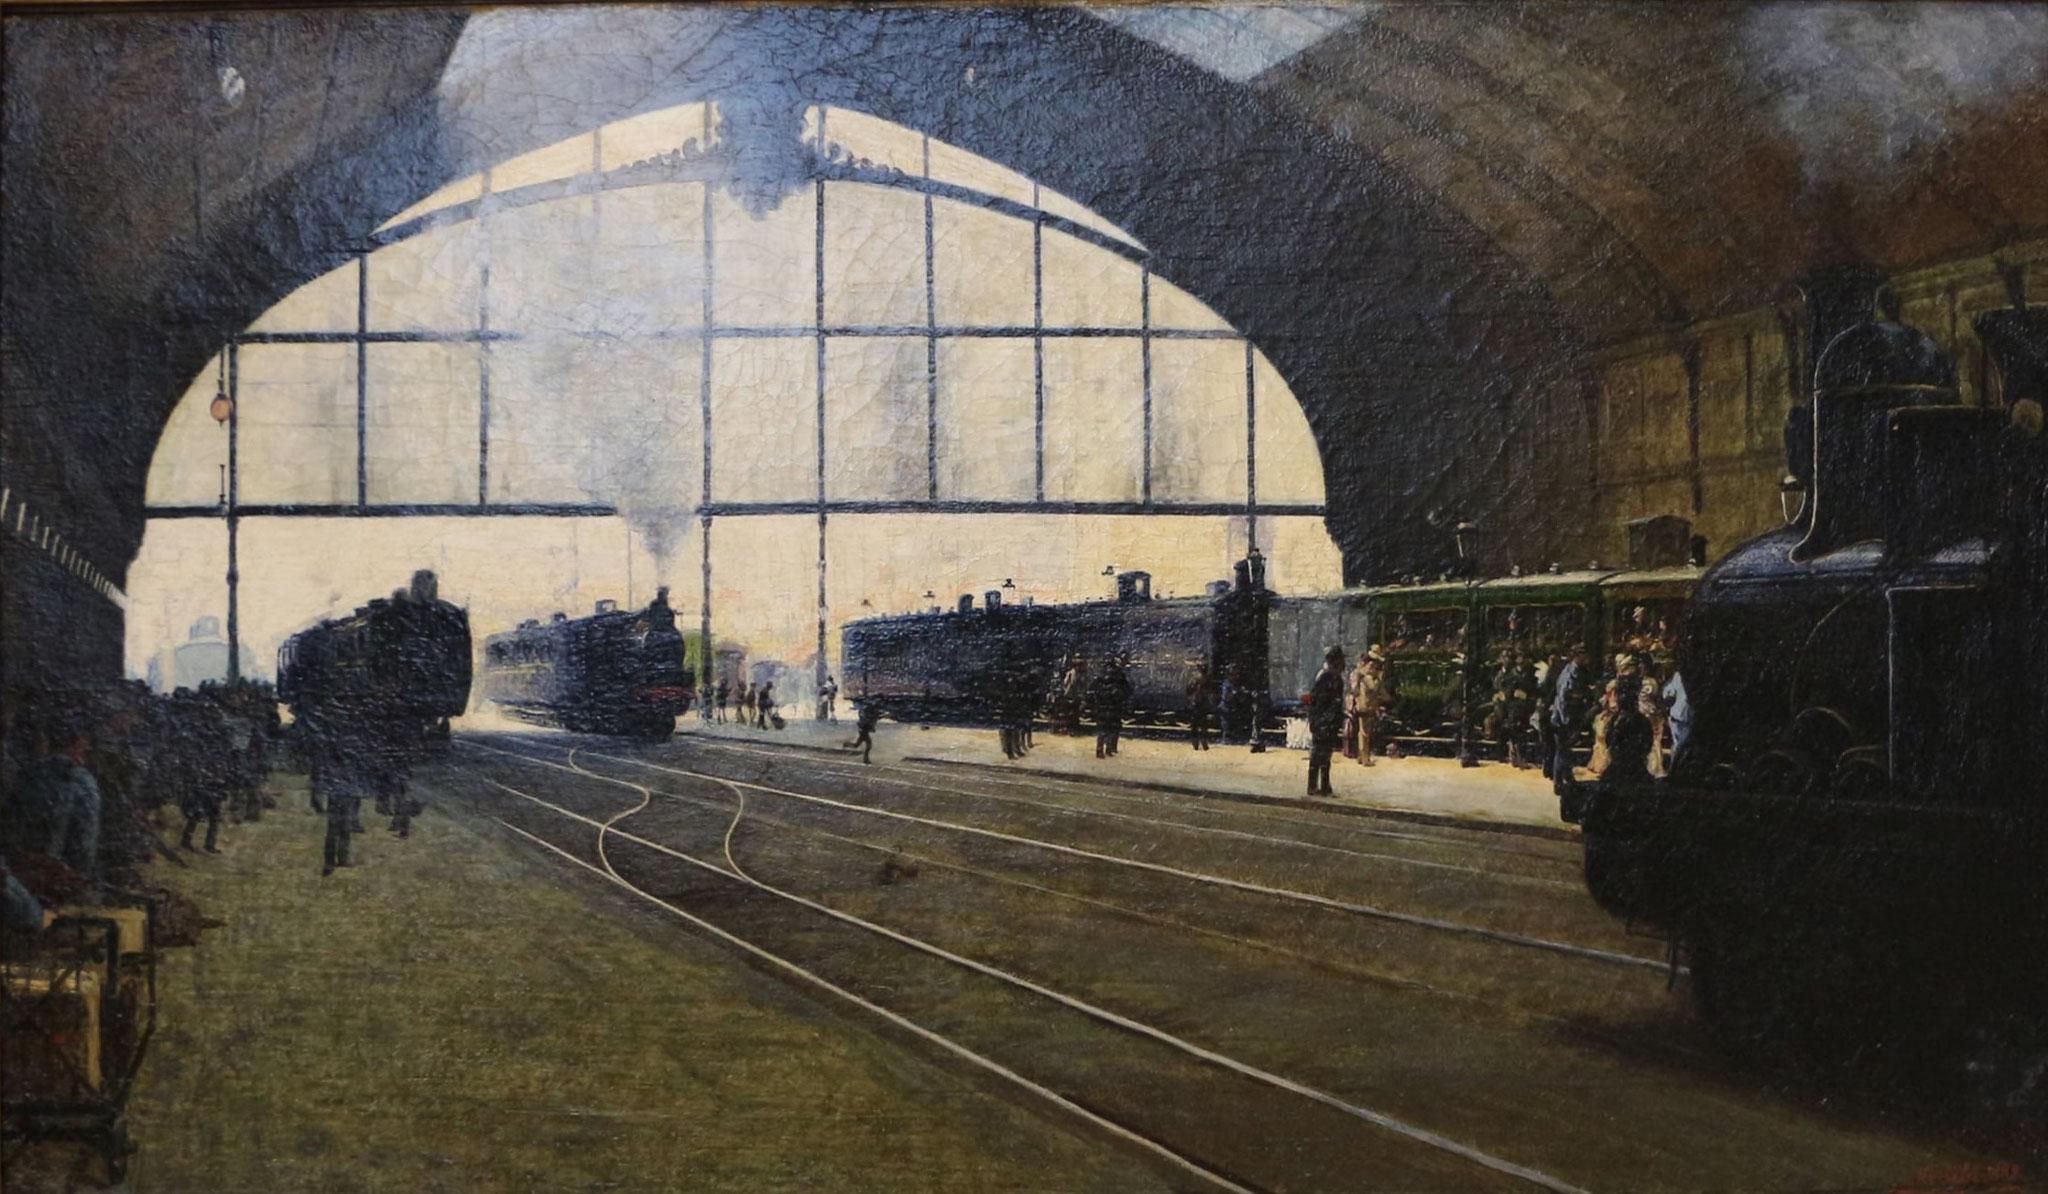 Angelo Morbelli, La stazione centrale di Milano nel 1889 (1889; olio su tela, Milano, Galleria d'Arte Moderna)